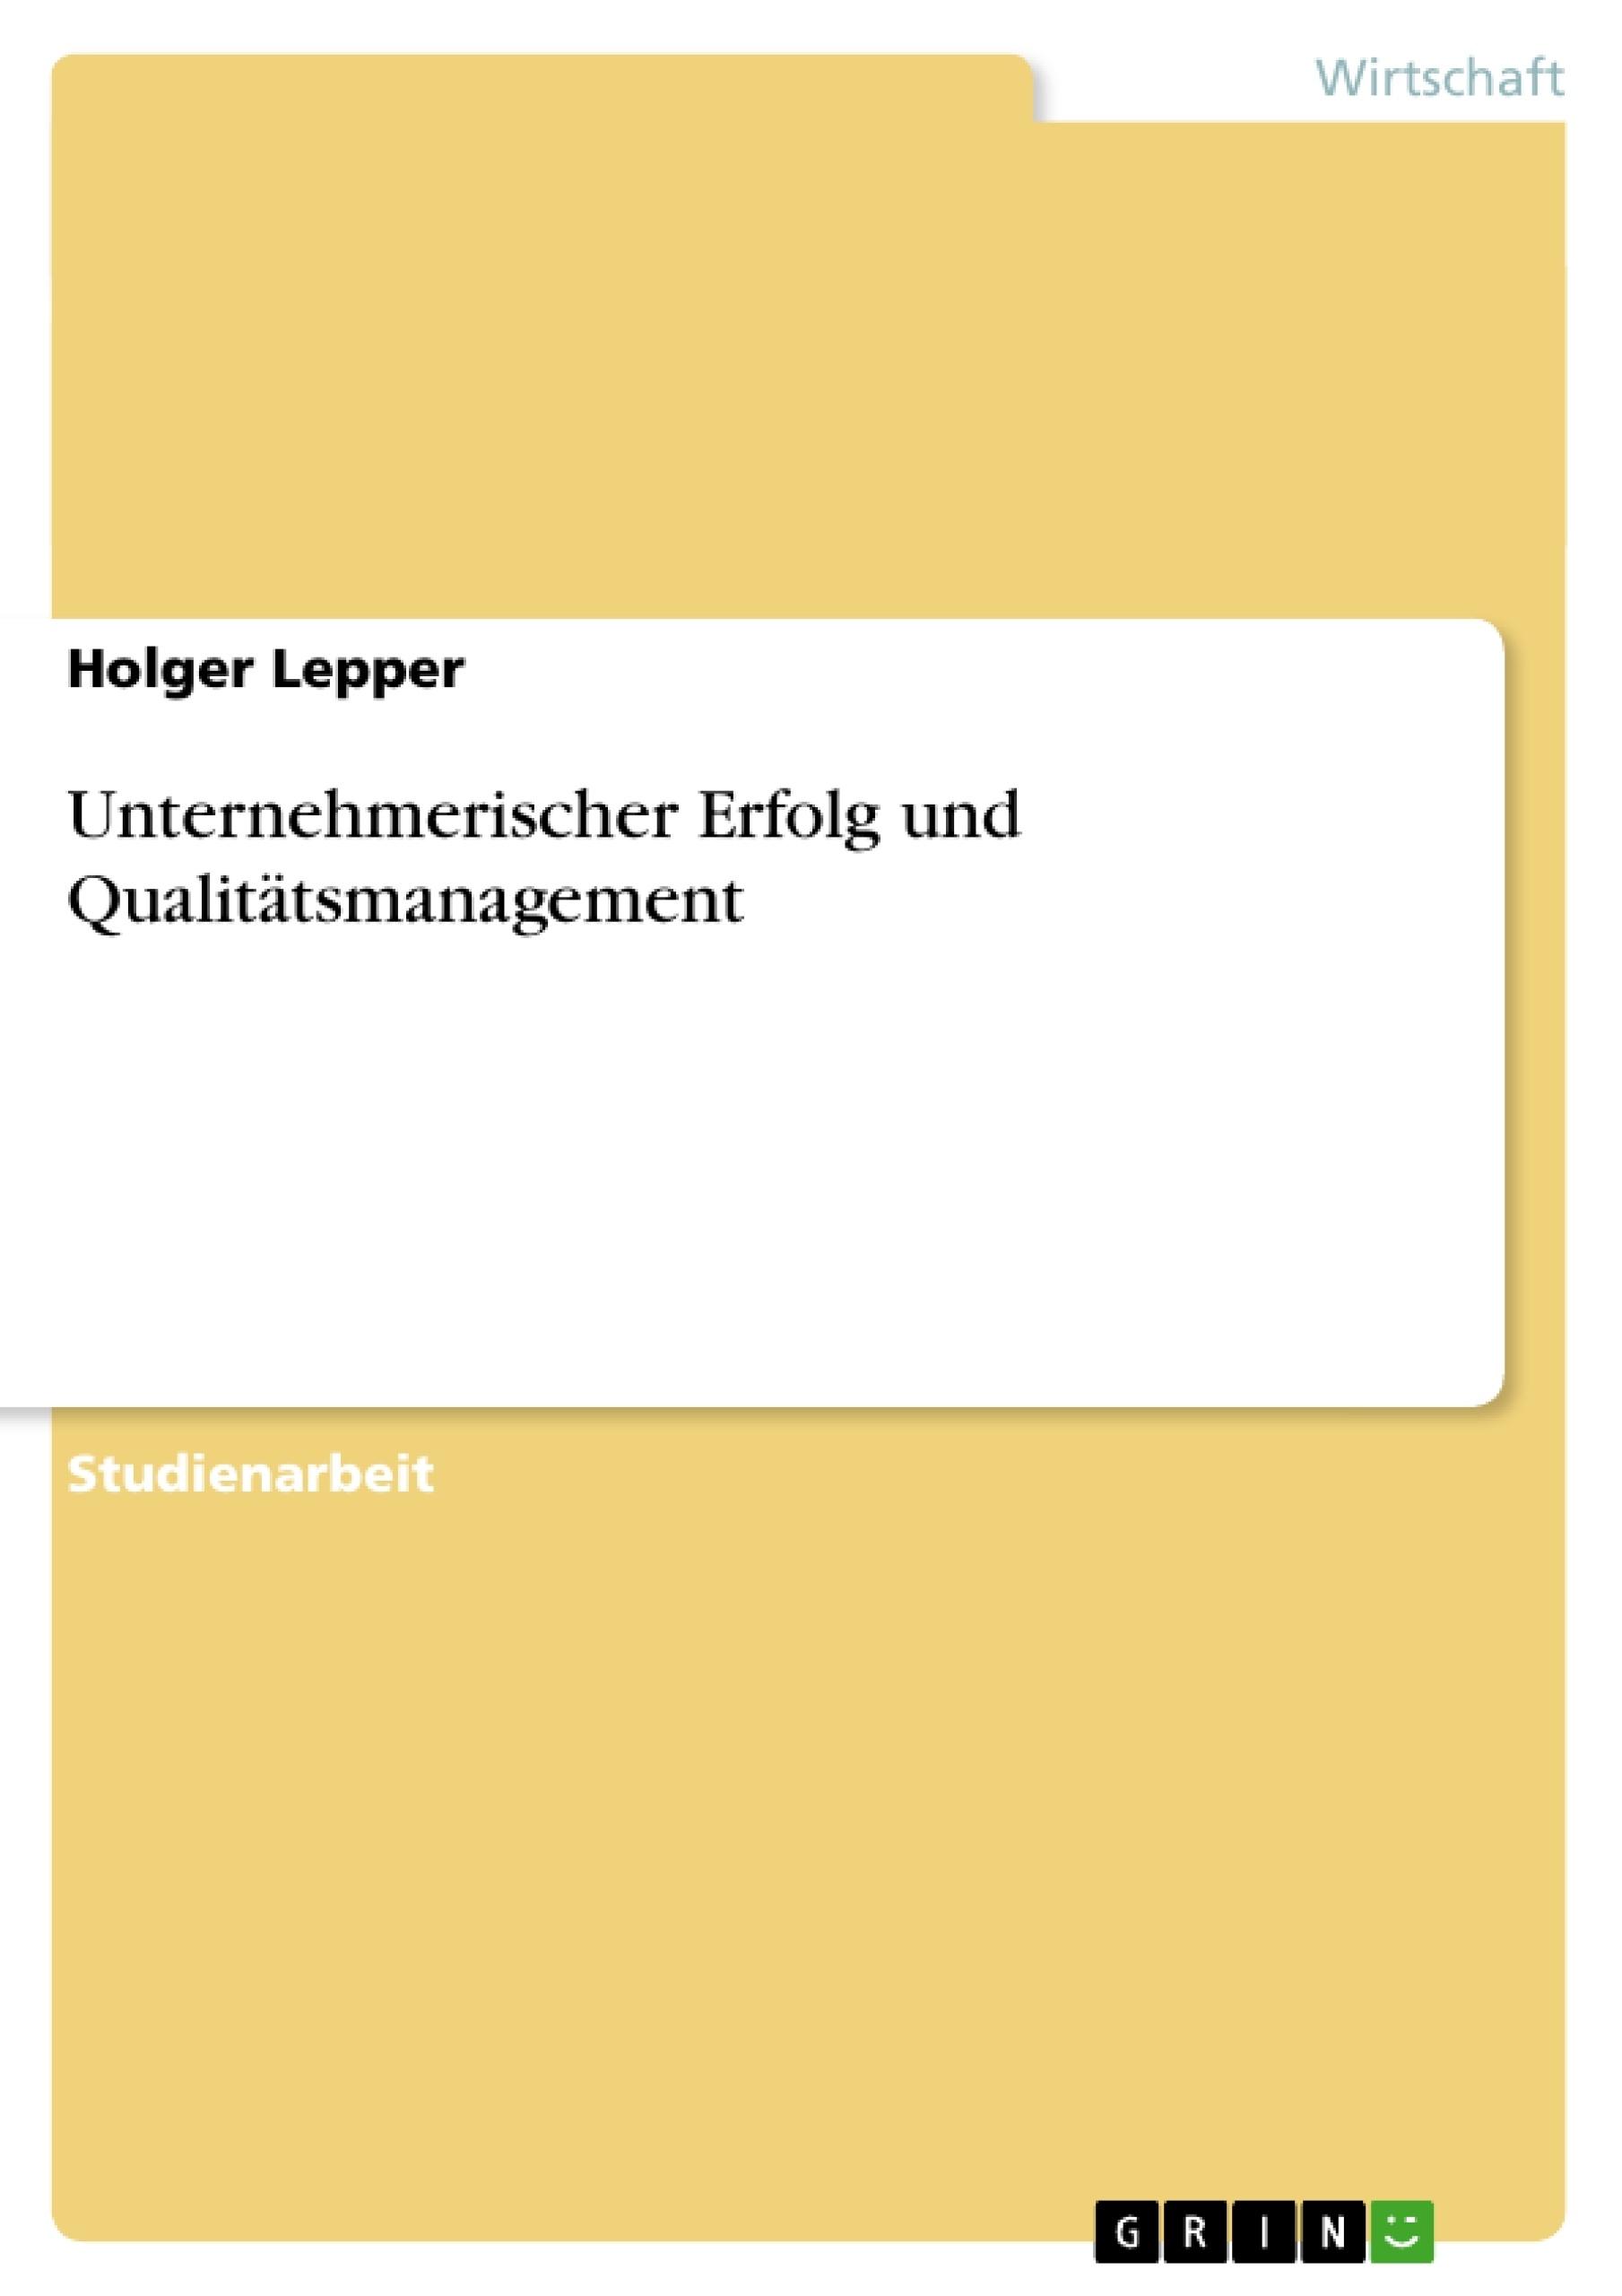 Unternehmerischer Erfolg und Qualitätsmanagement | Masterarbeit ...